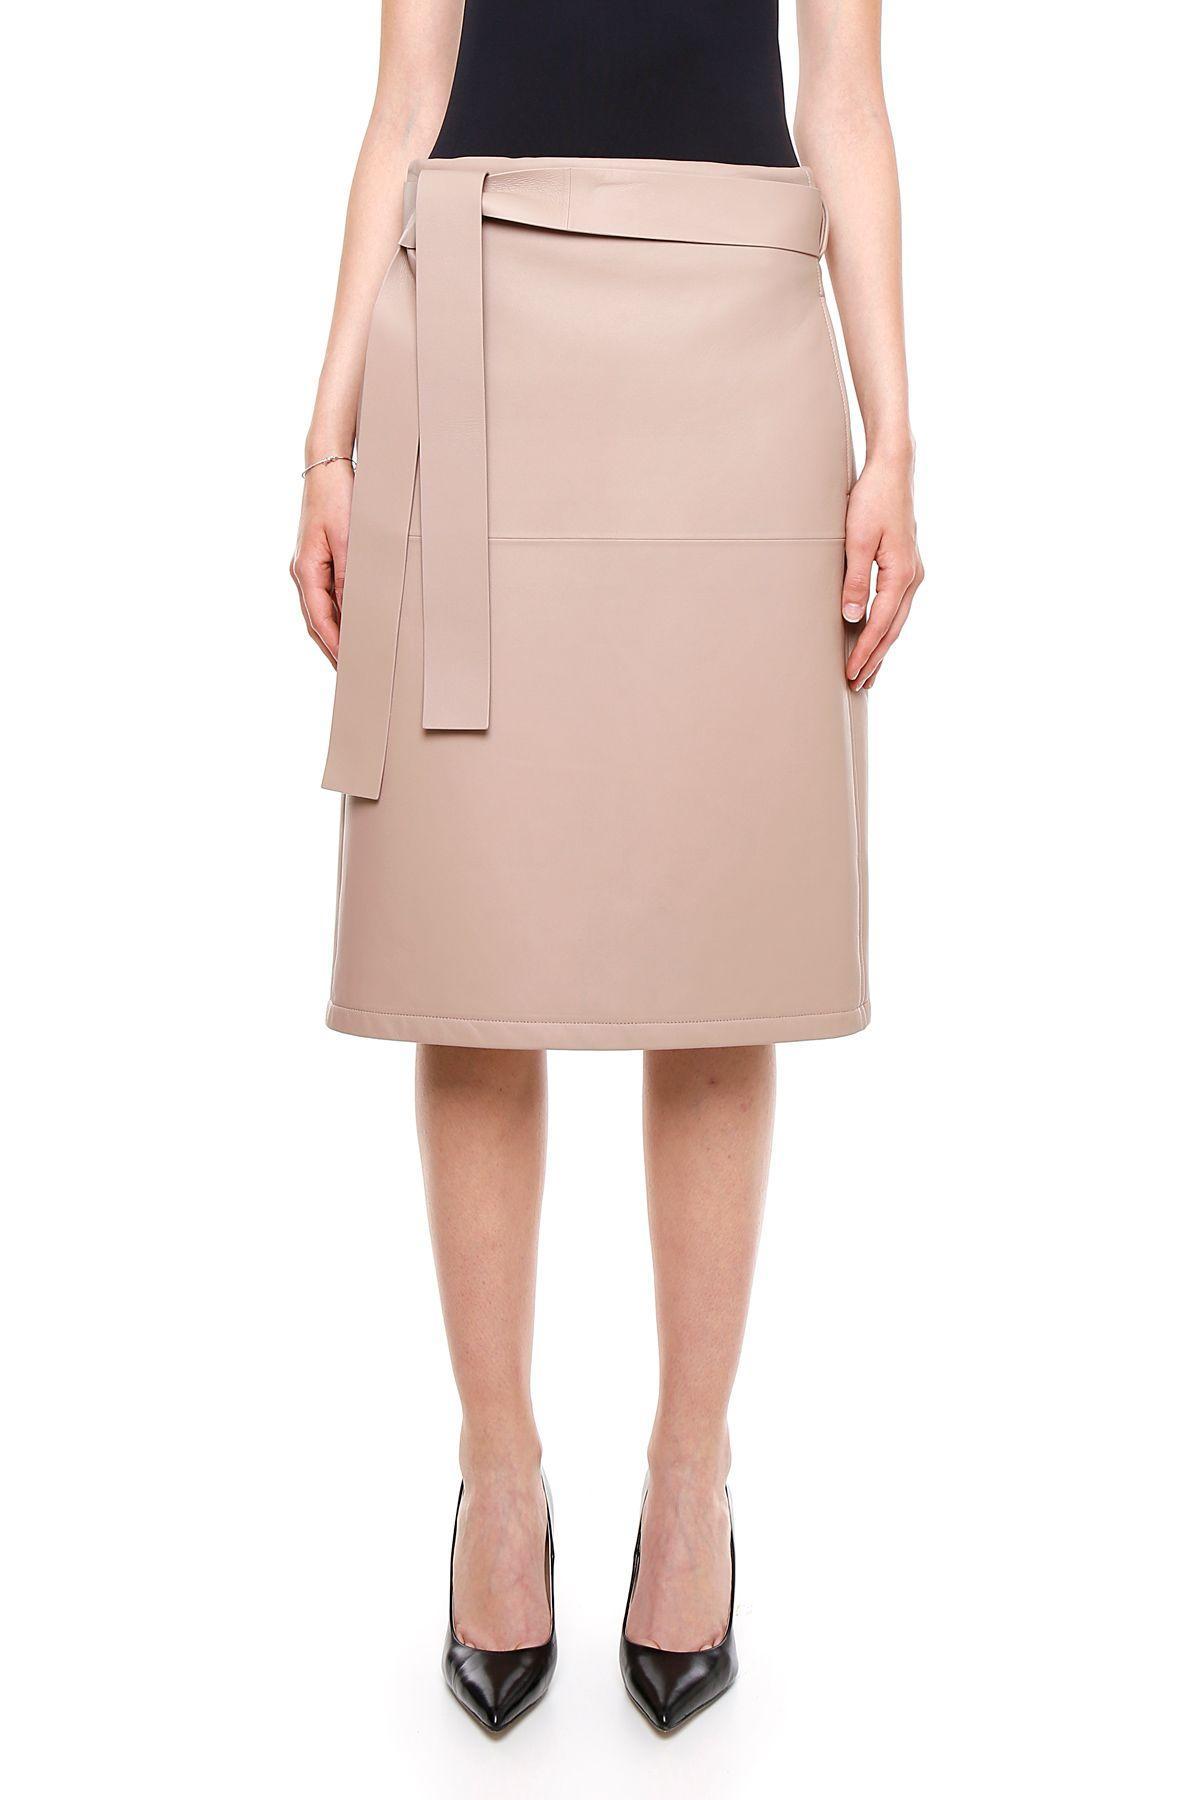 Bottega Veneta Lambskin Skirt In Mink Hazebianco